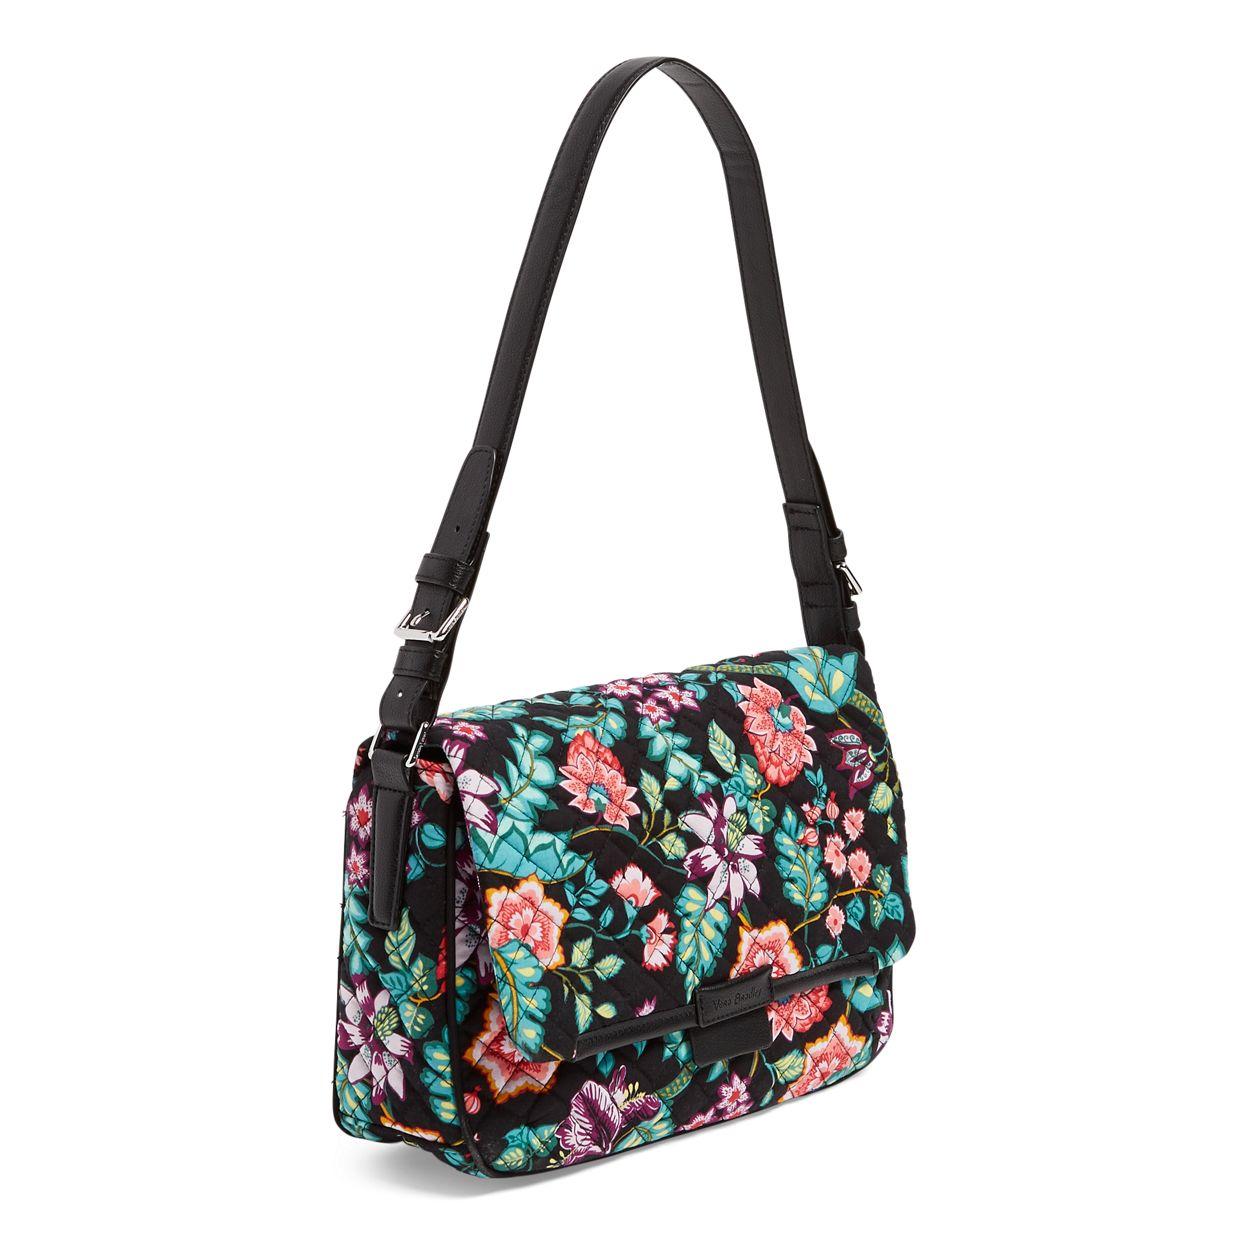 ... Image of Iconic Shoulder Bag in Vines Floral ... 9edca5e2d28f4